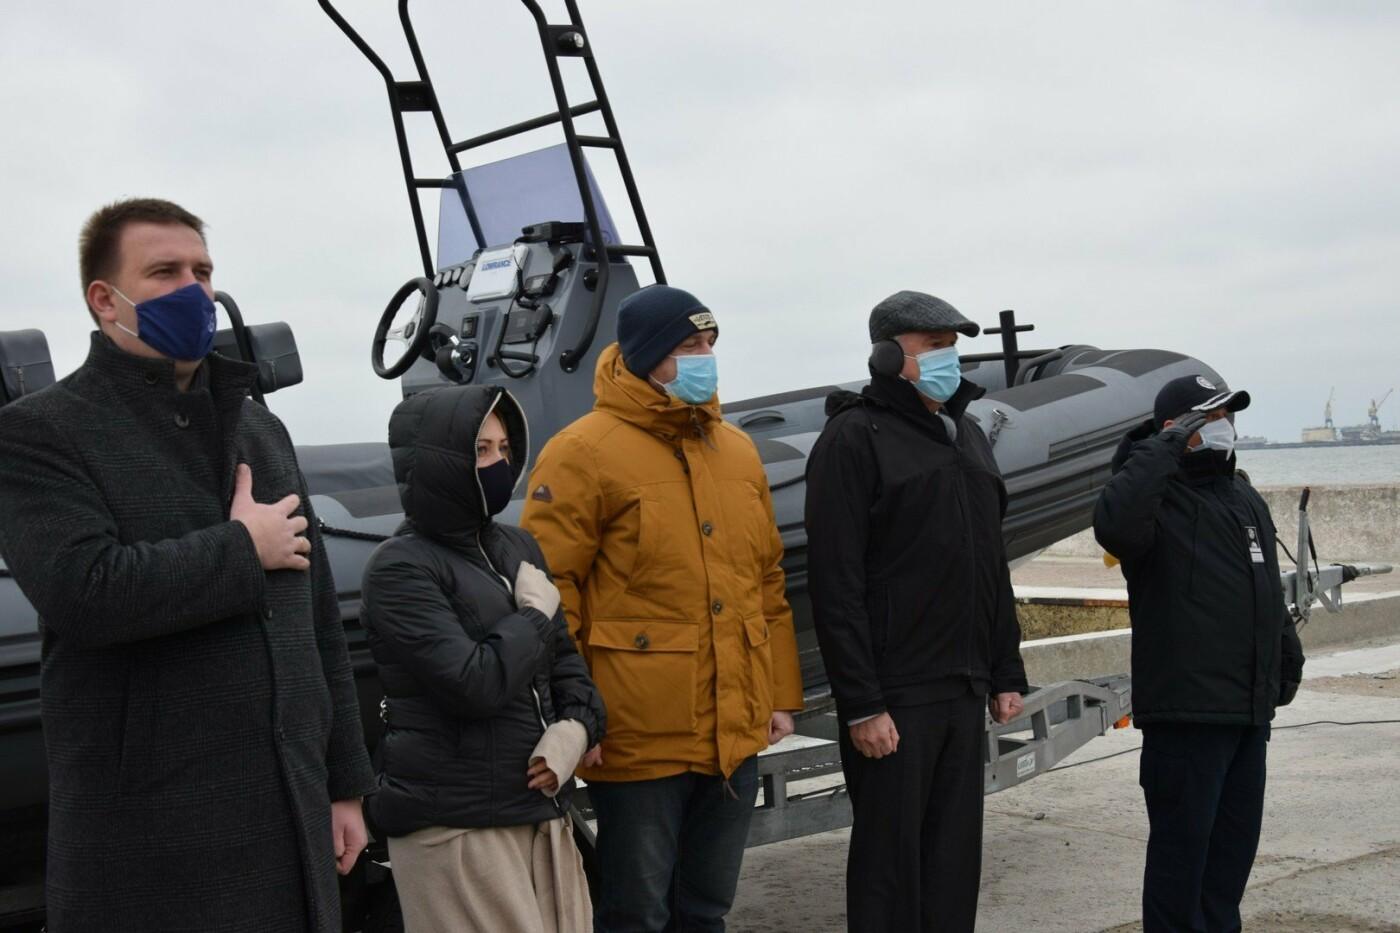 Представлен проект по обустройству военных городков для Госпогранслужбы в Бердянске и Мариуполе, фото-2